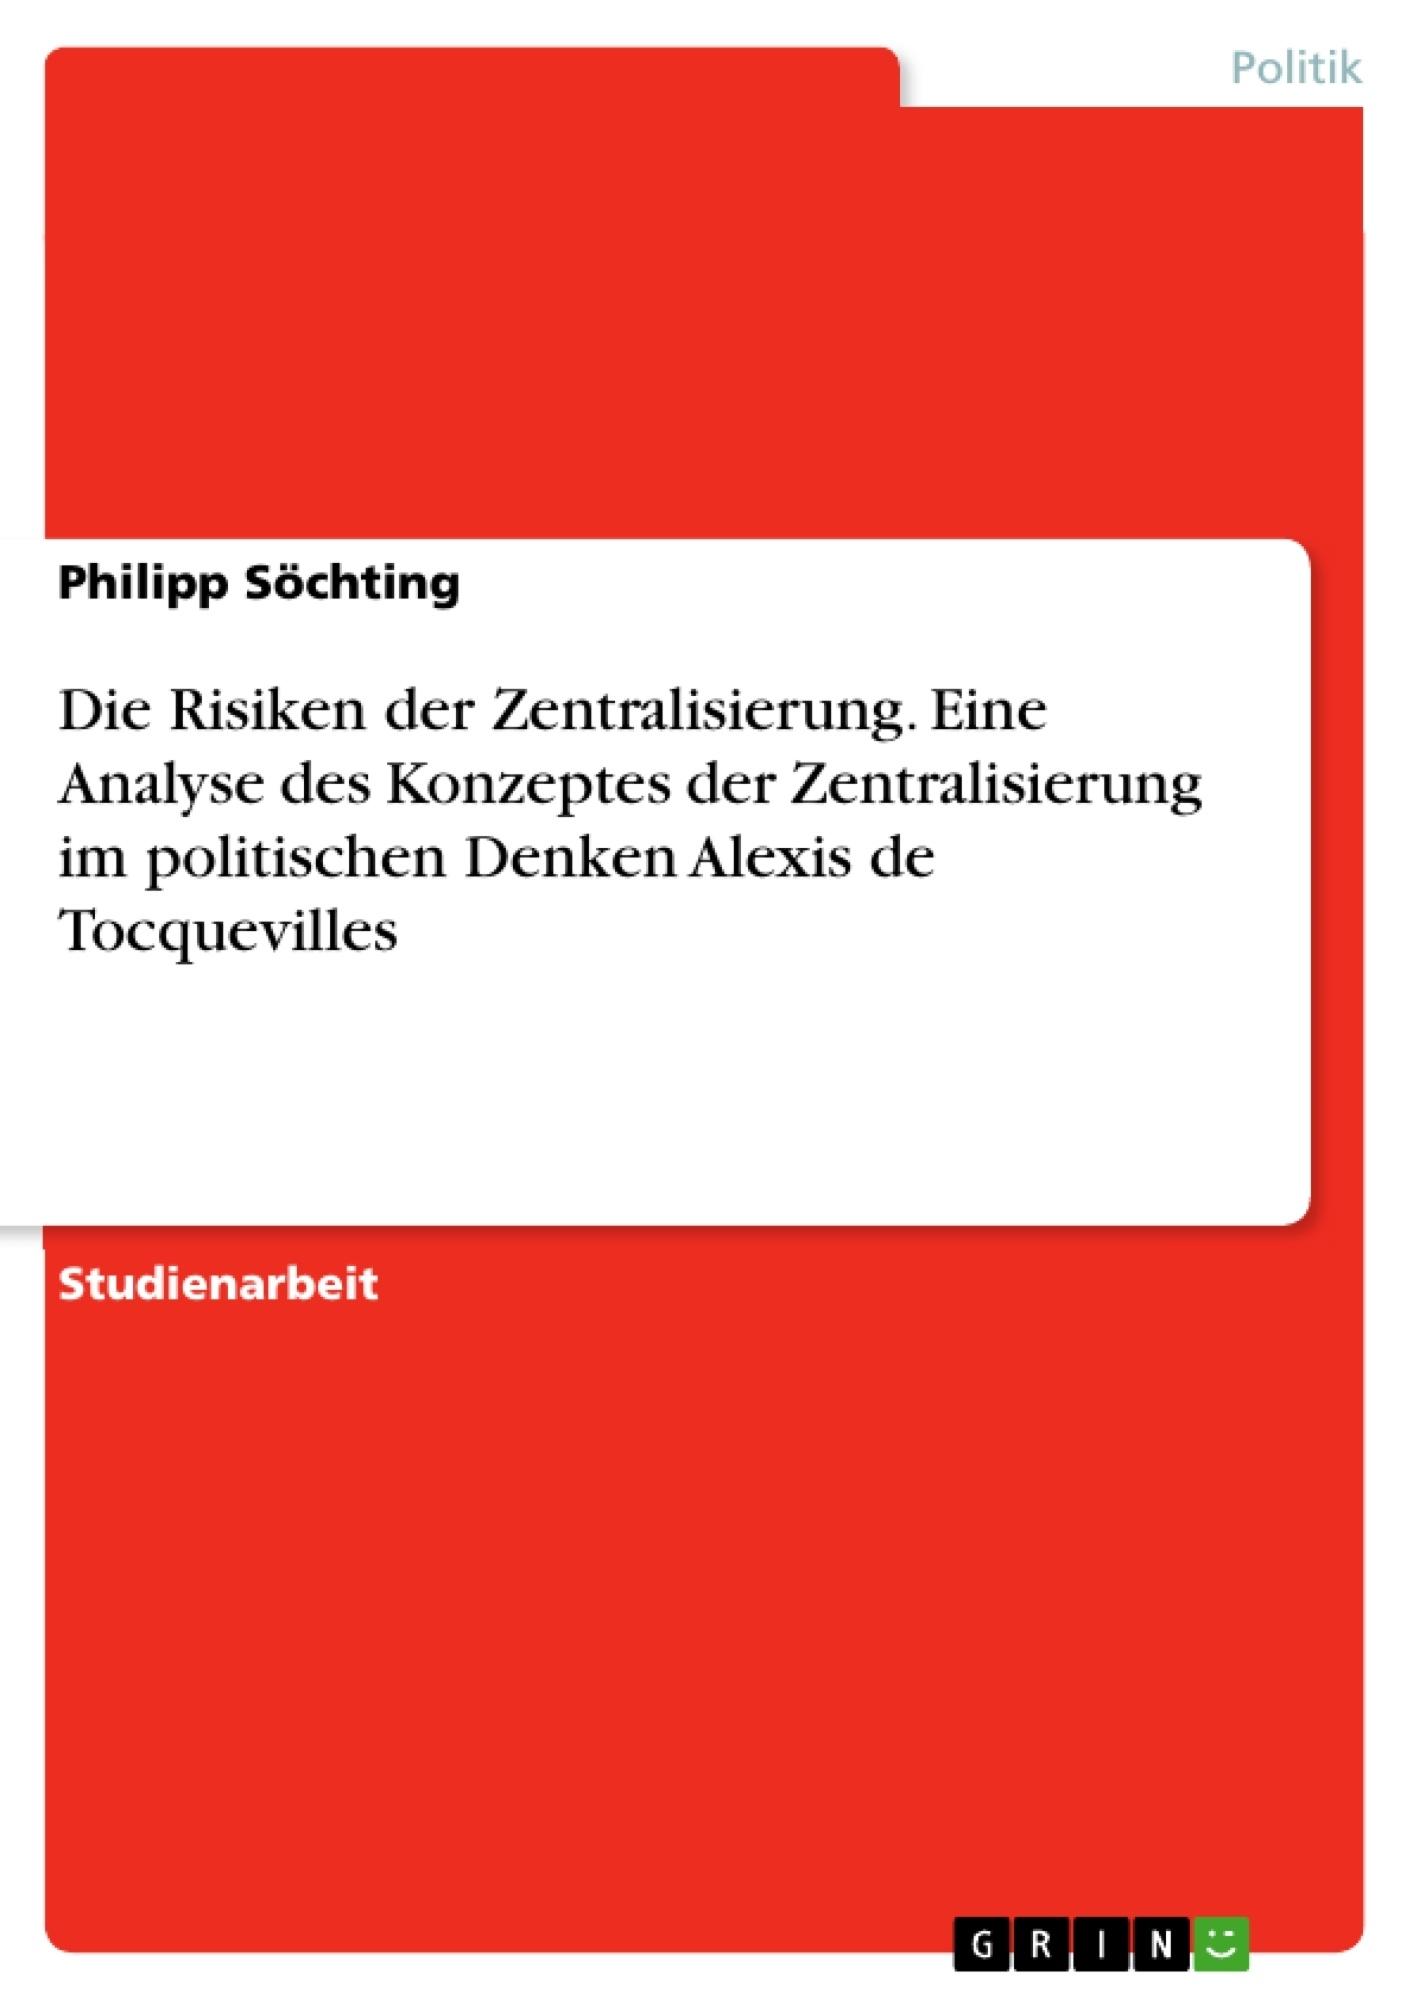 Titel: Die Risiken der Zentralisierung. Eine Analyse des Konzeptes der Zentralisierung im politischen Denken Alexis de Tocquevilles